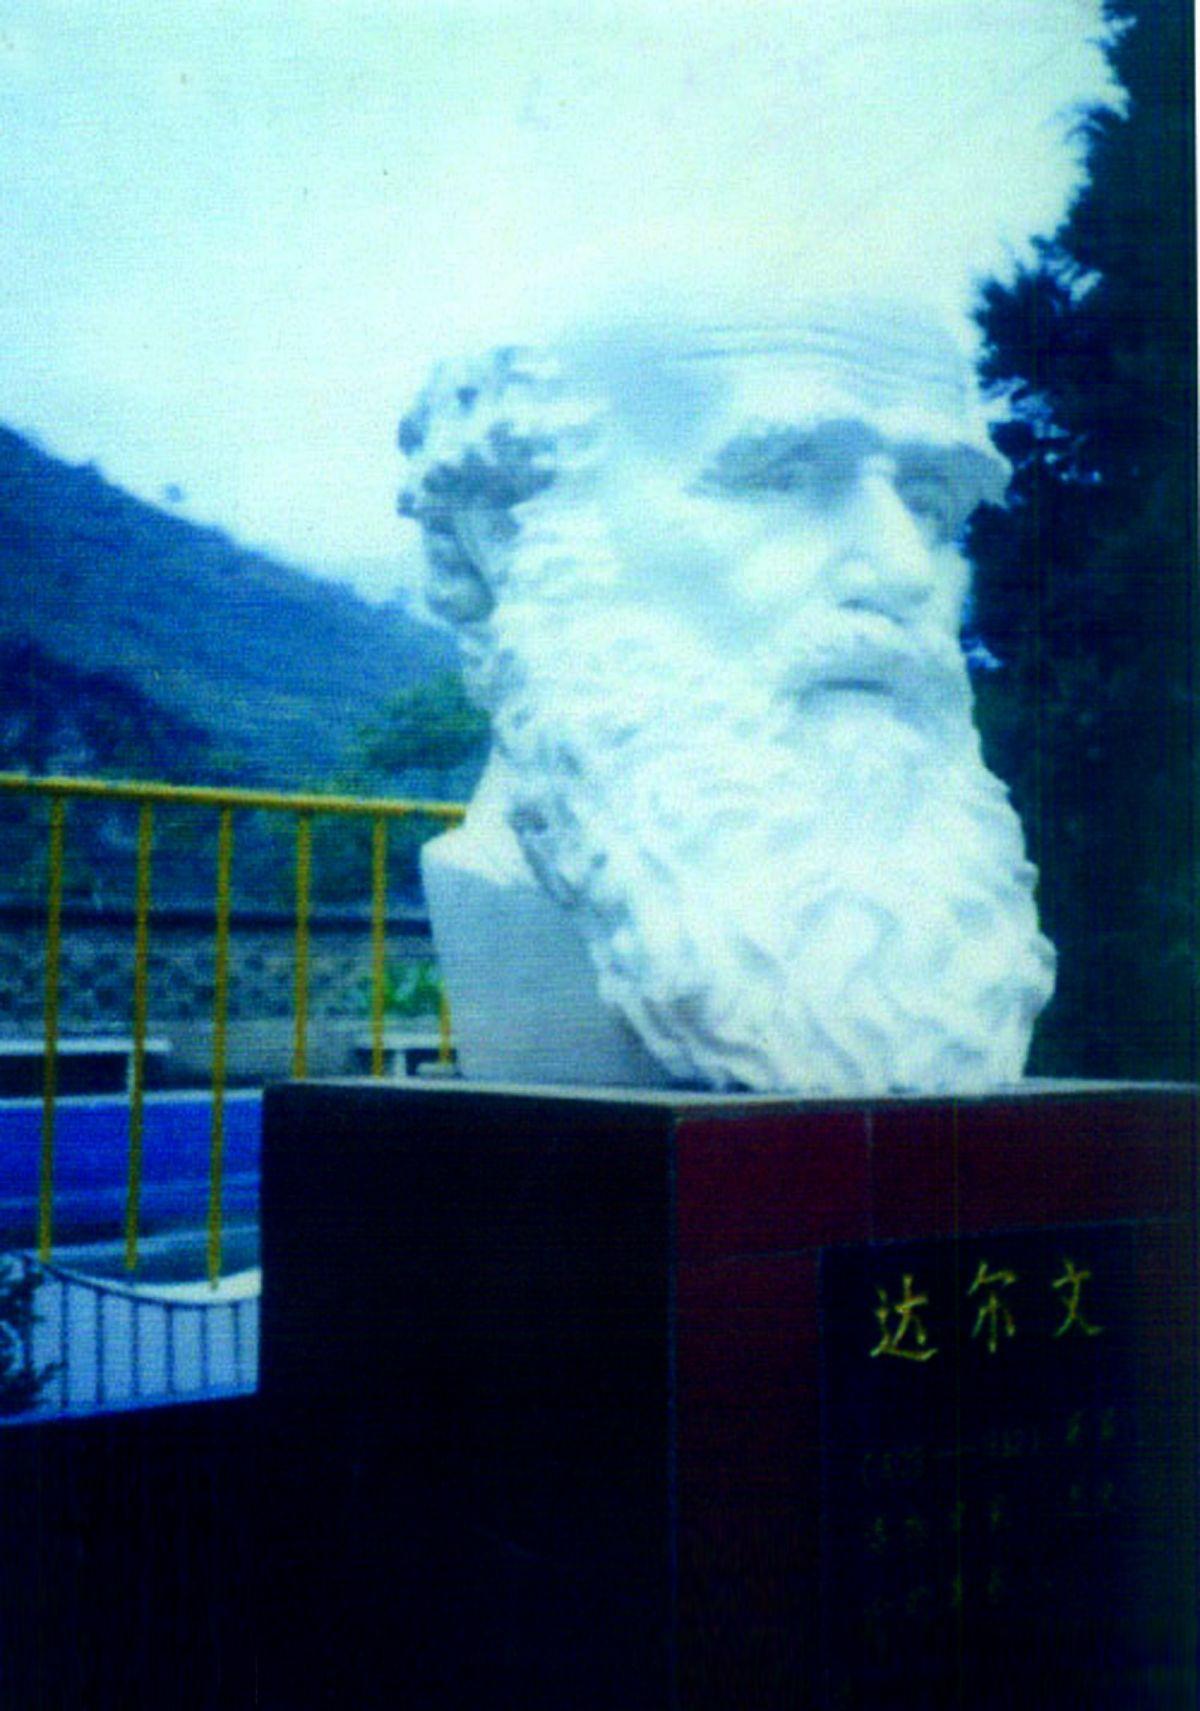 达尔文雕塑/汉白玉雕塑厂家/四川校园雕塑